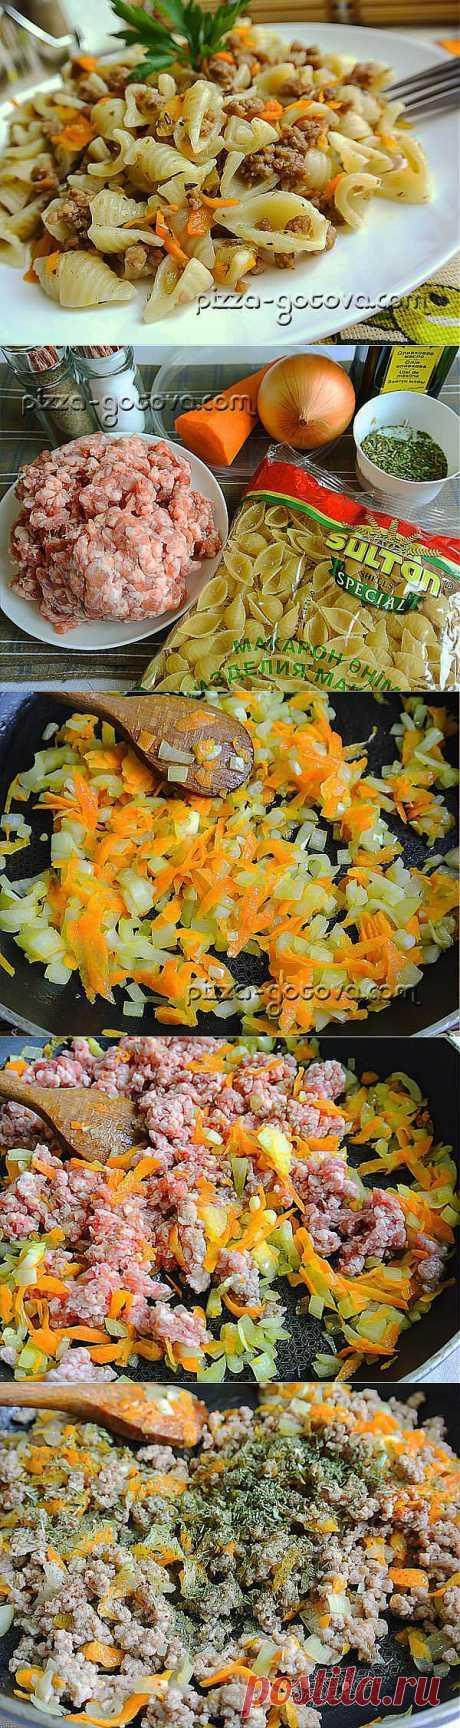 Как приготовить макароны по-флотски с фаршем - рецепт с фото